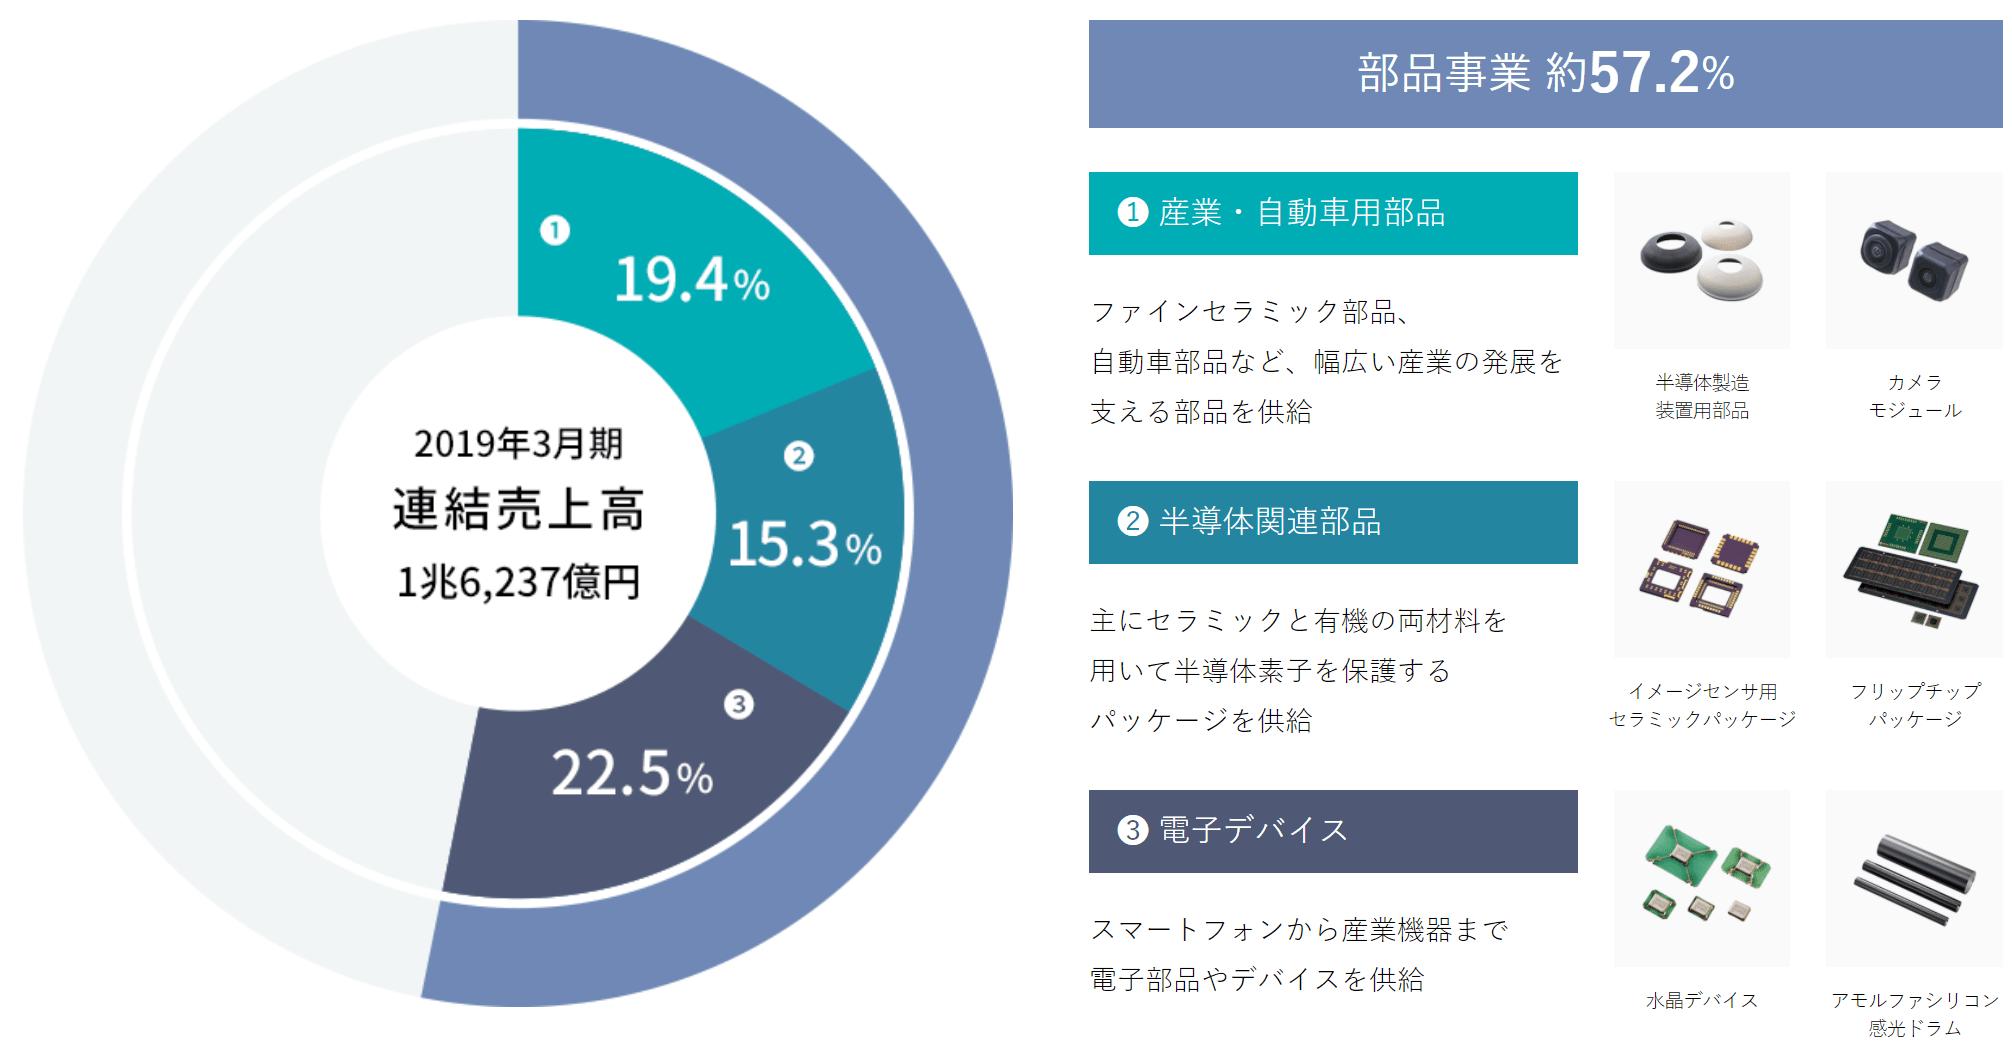 京セラ 部品事業